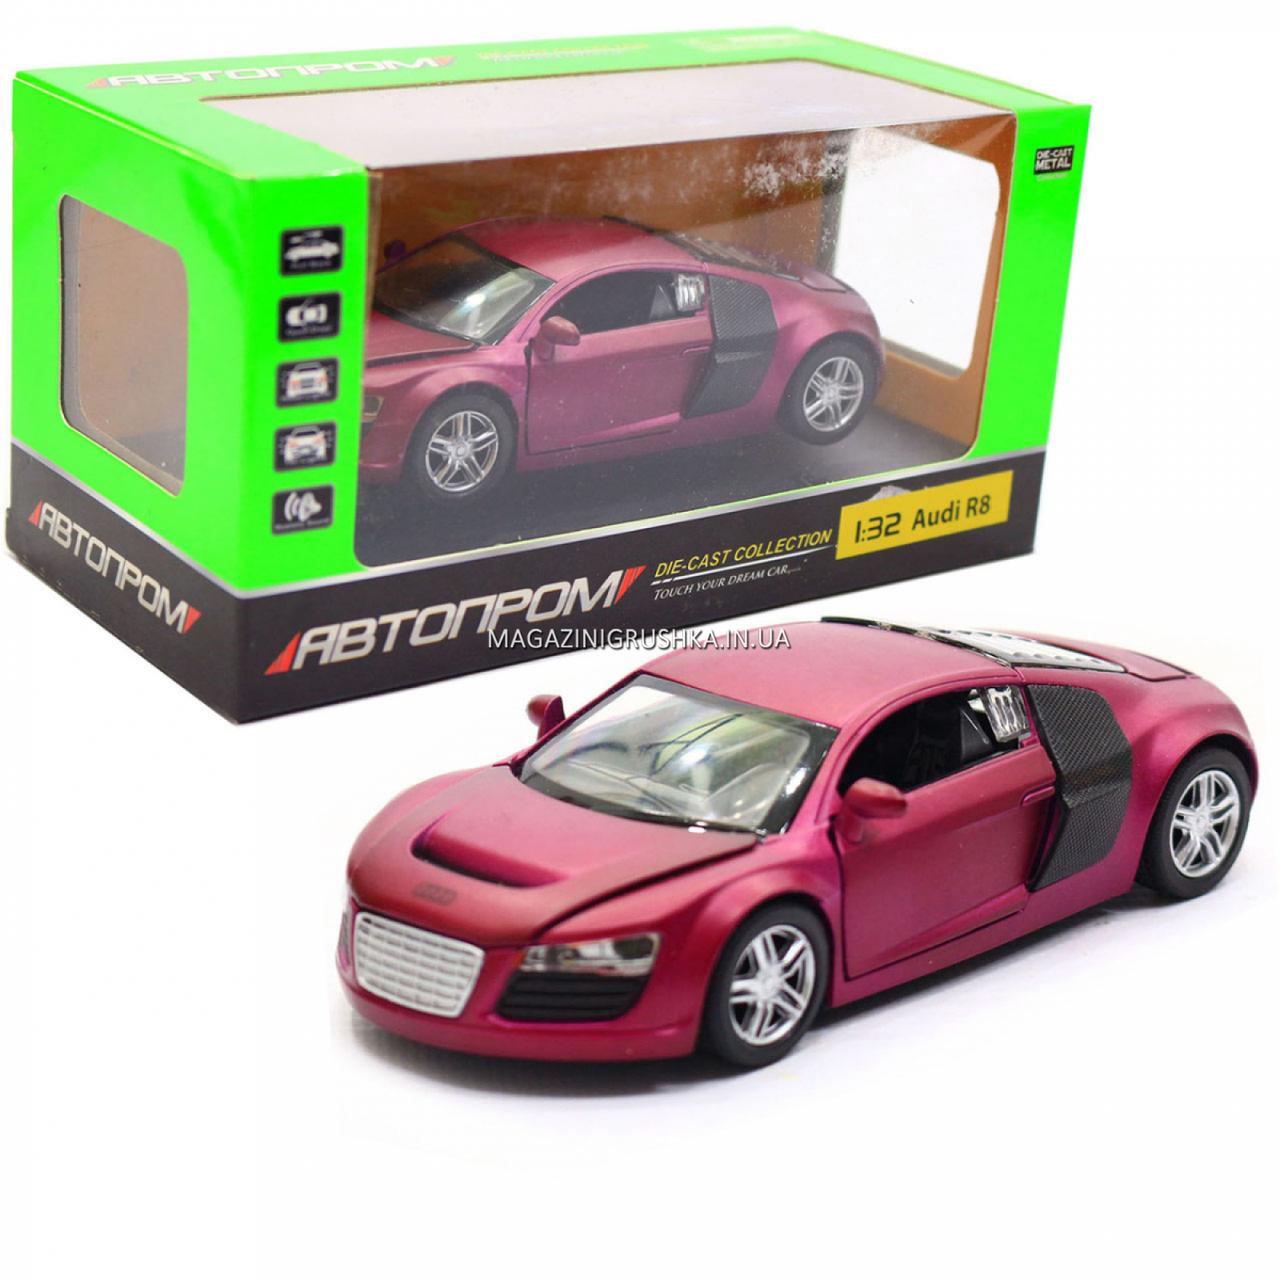 Машинка игровая автопром «Audi R8» металл, 13 см, фиолетовый, свет, звук, двери открываются (3201D)